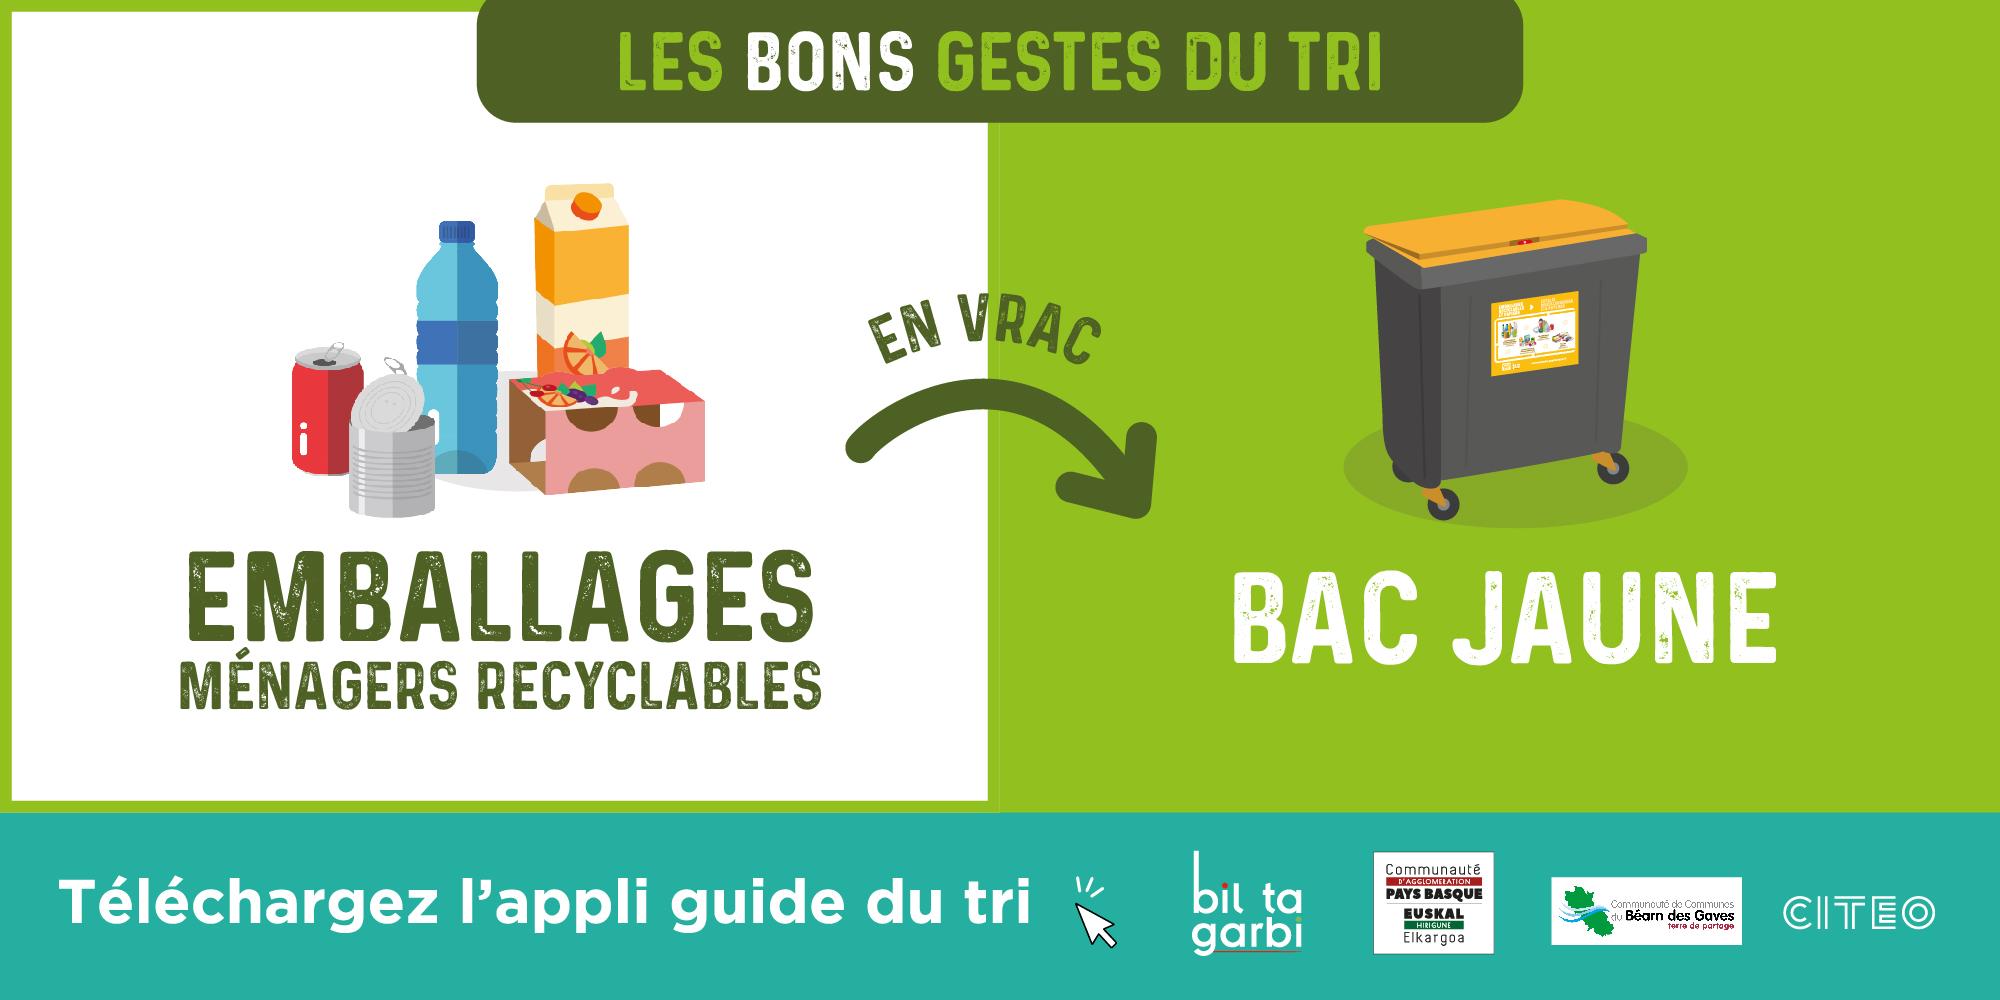 visuel de consignes de tri pour les emballages ménagers recyclables à mettre en vrac dans le bac jaune